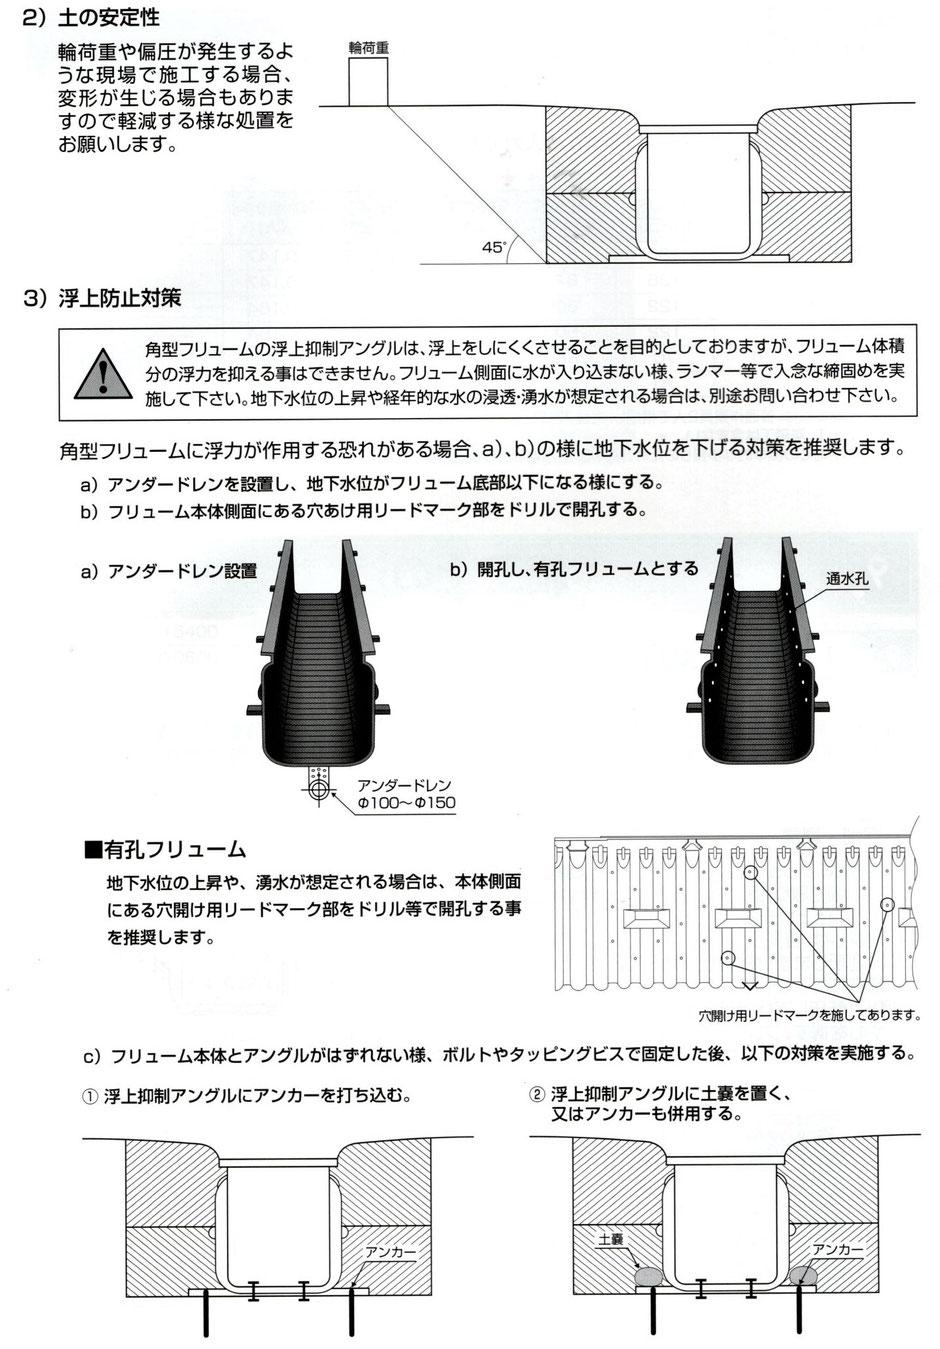 プラスチック製角型U字溝に関する、設計時に必要な説明を写真付きで解説するページです。